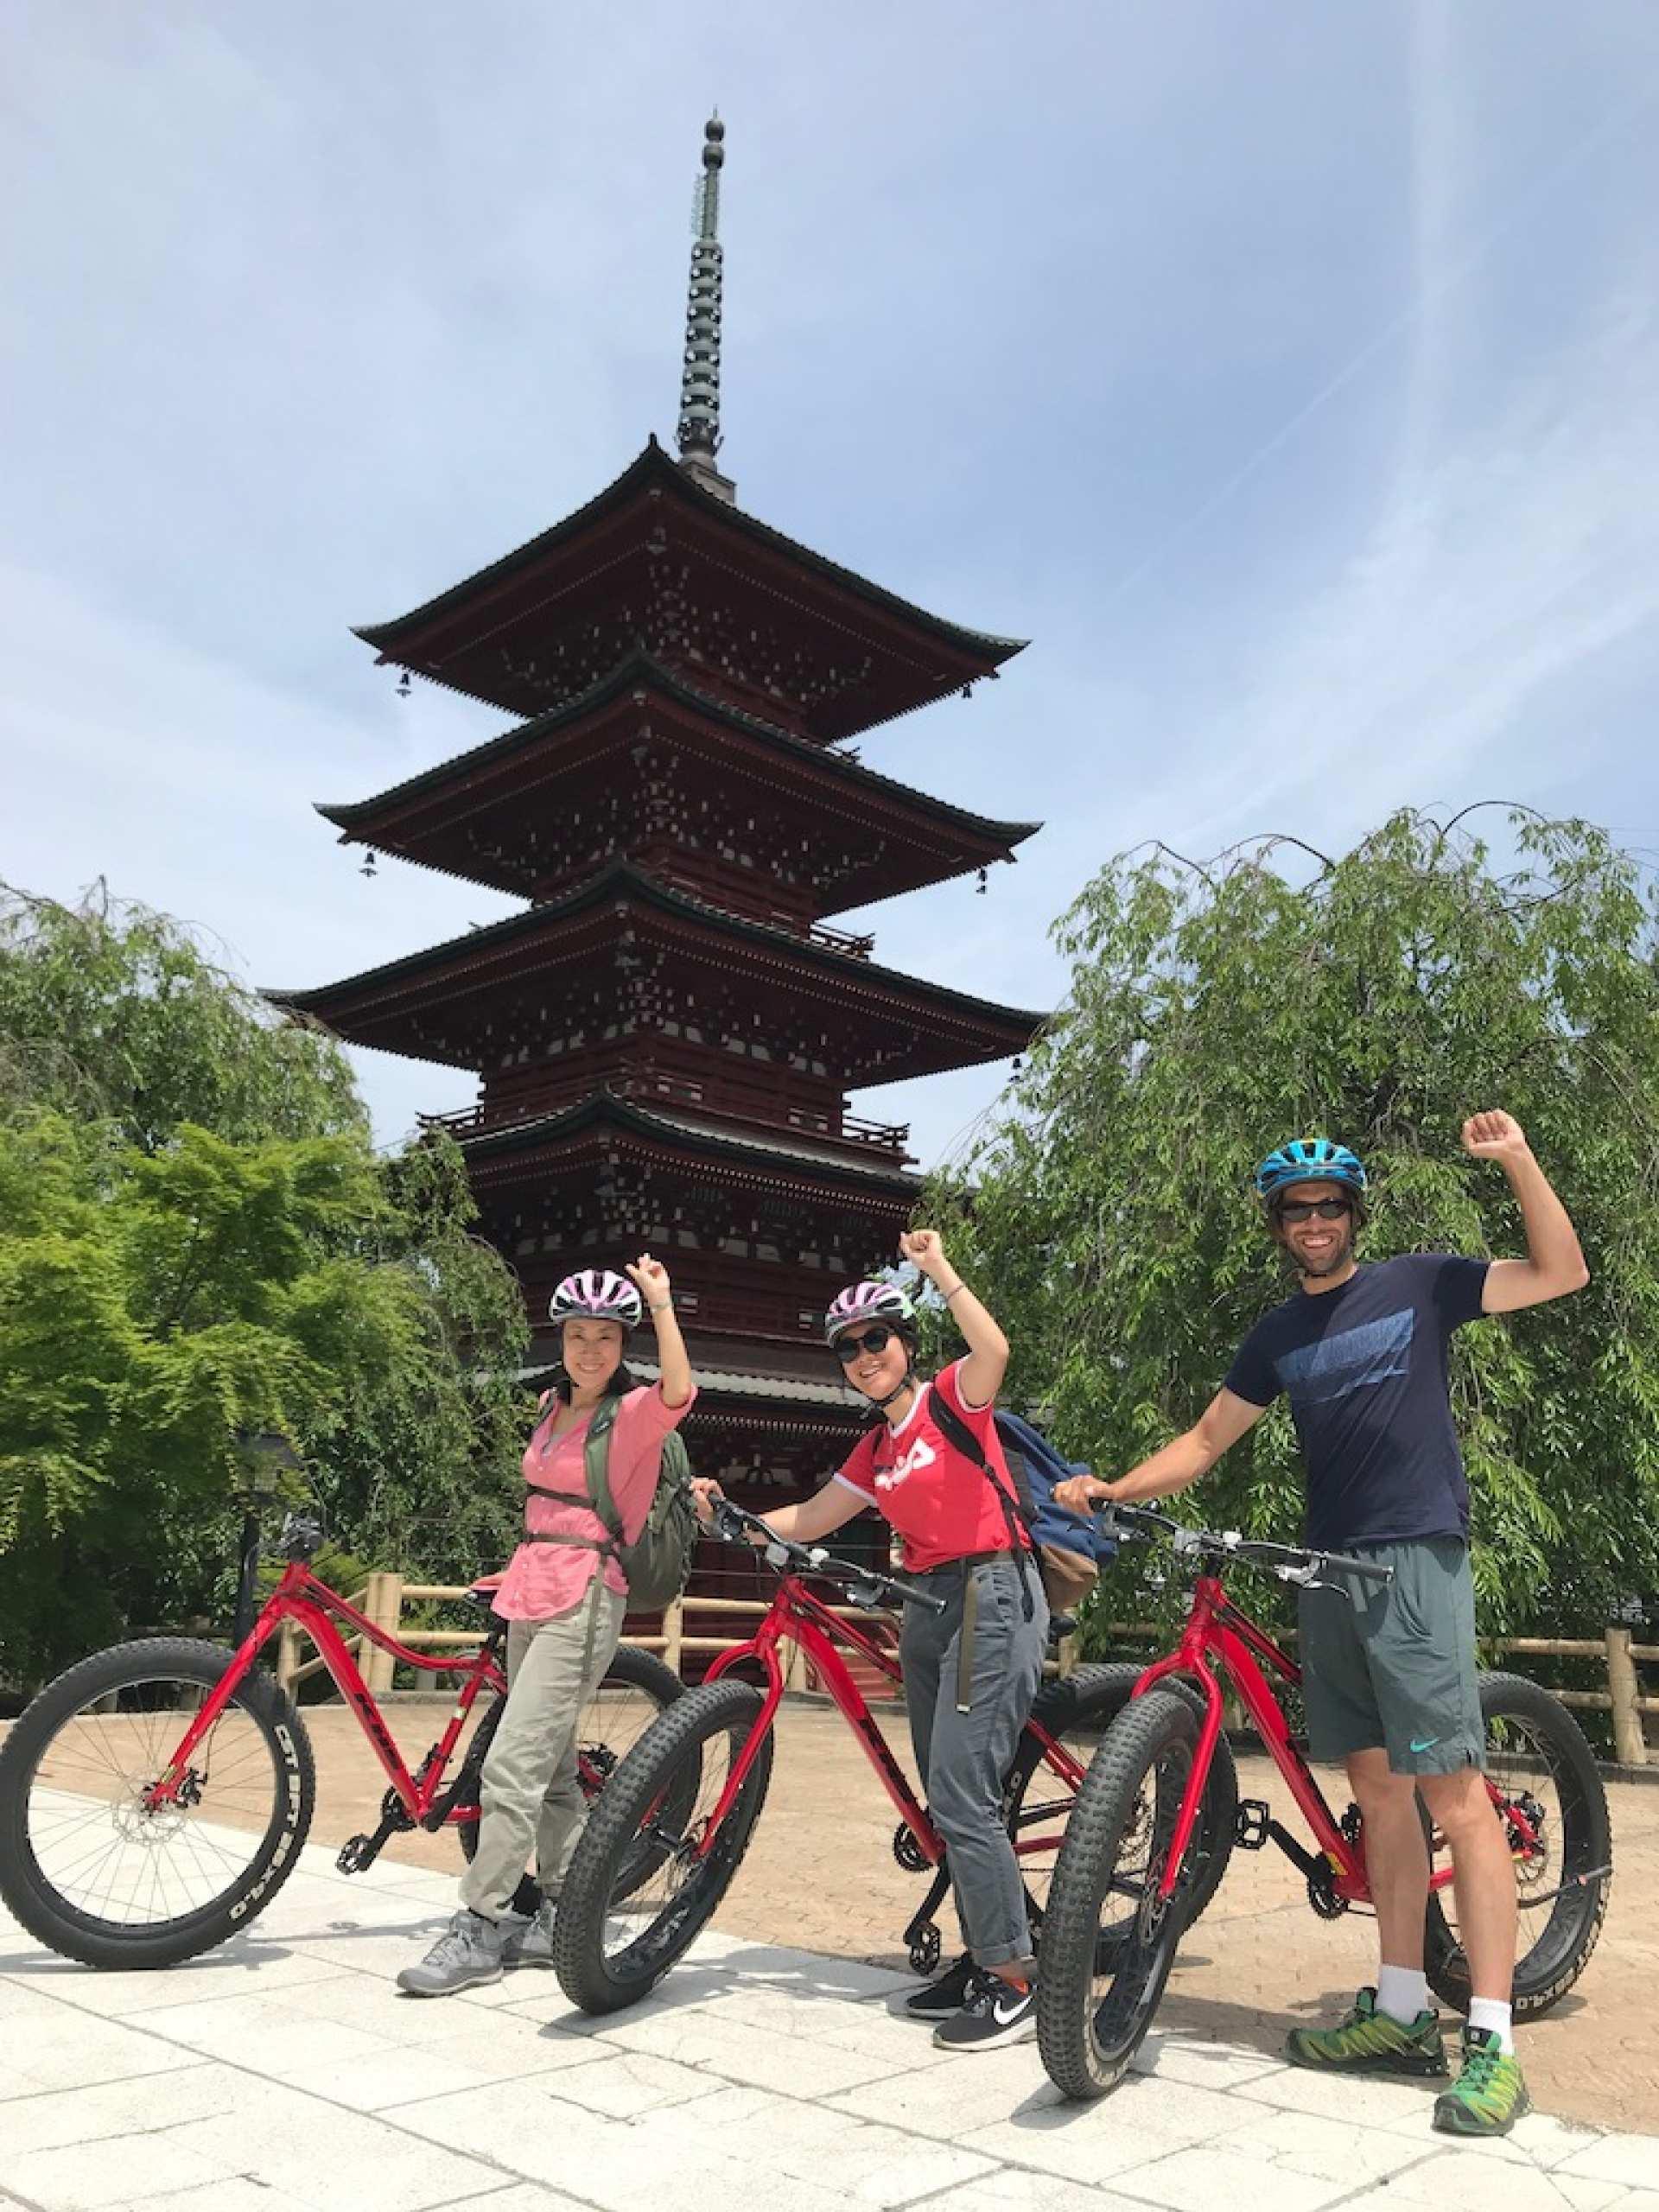 青森・弘前|弘前城周辺サイクリングツアー(ガイド付)|KKday記念品付